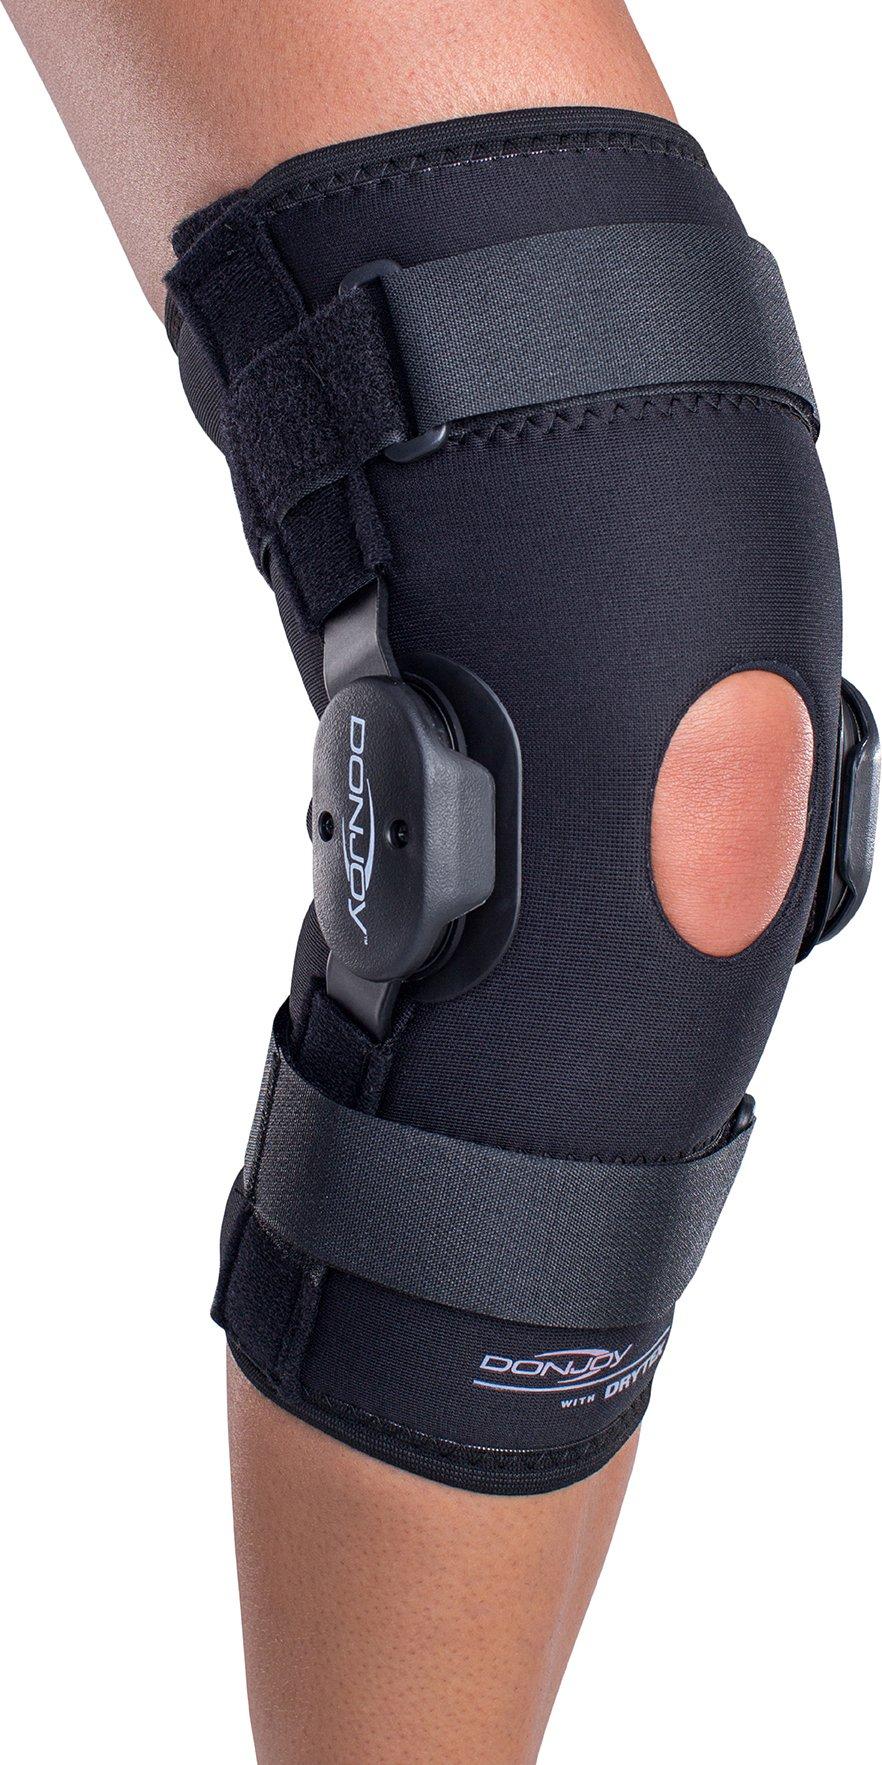 DonJoy Deluxe Hinged Knee Brace, Drytex Sleeve, Open Popliteal, Large